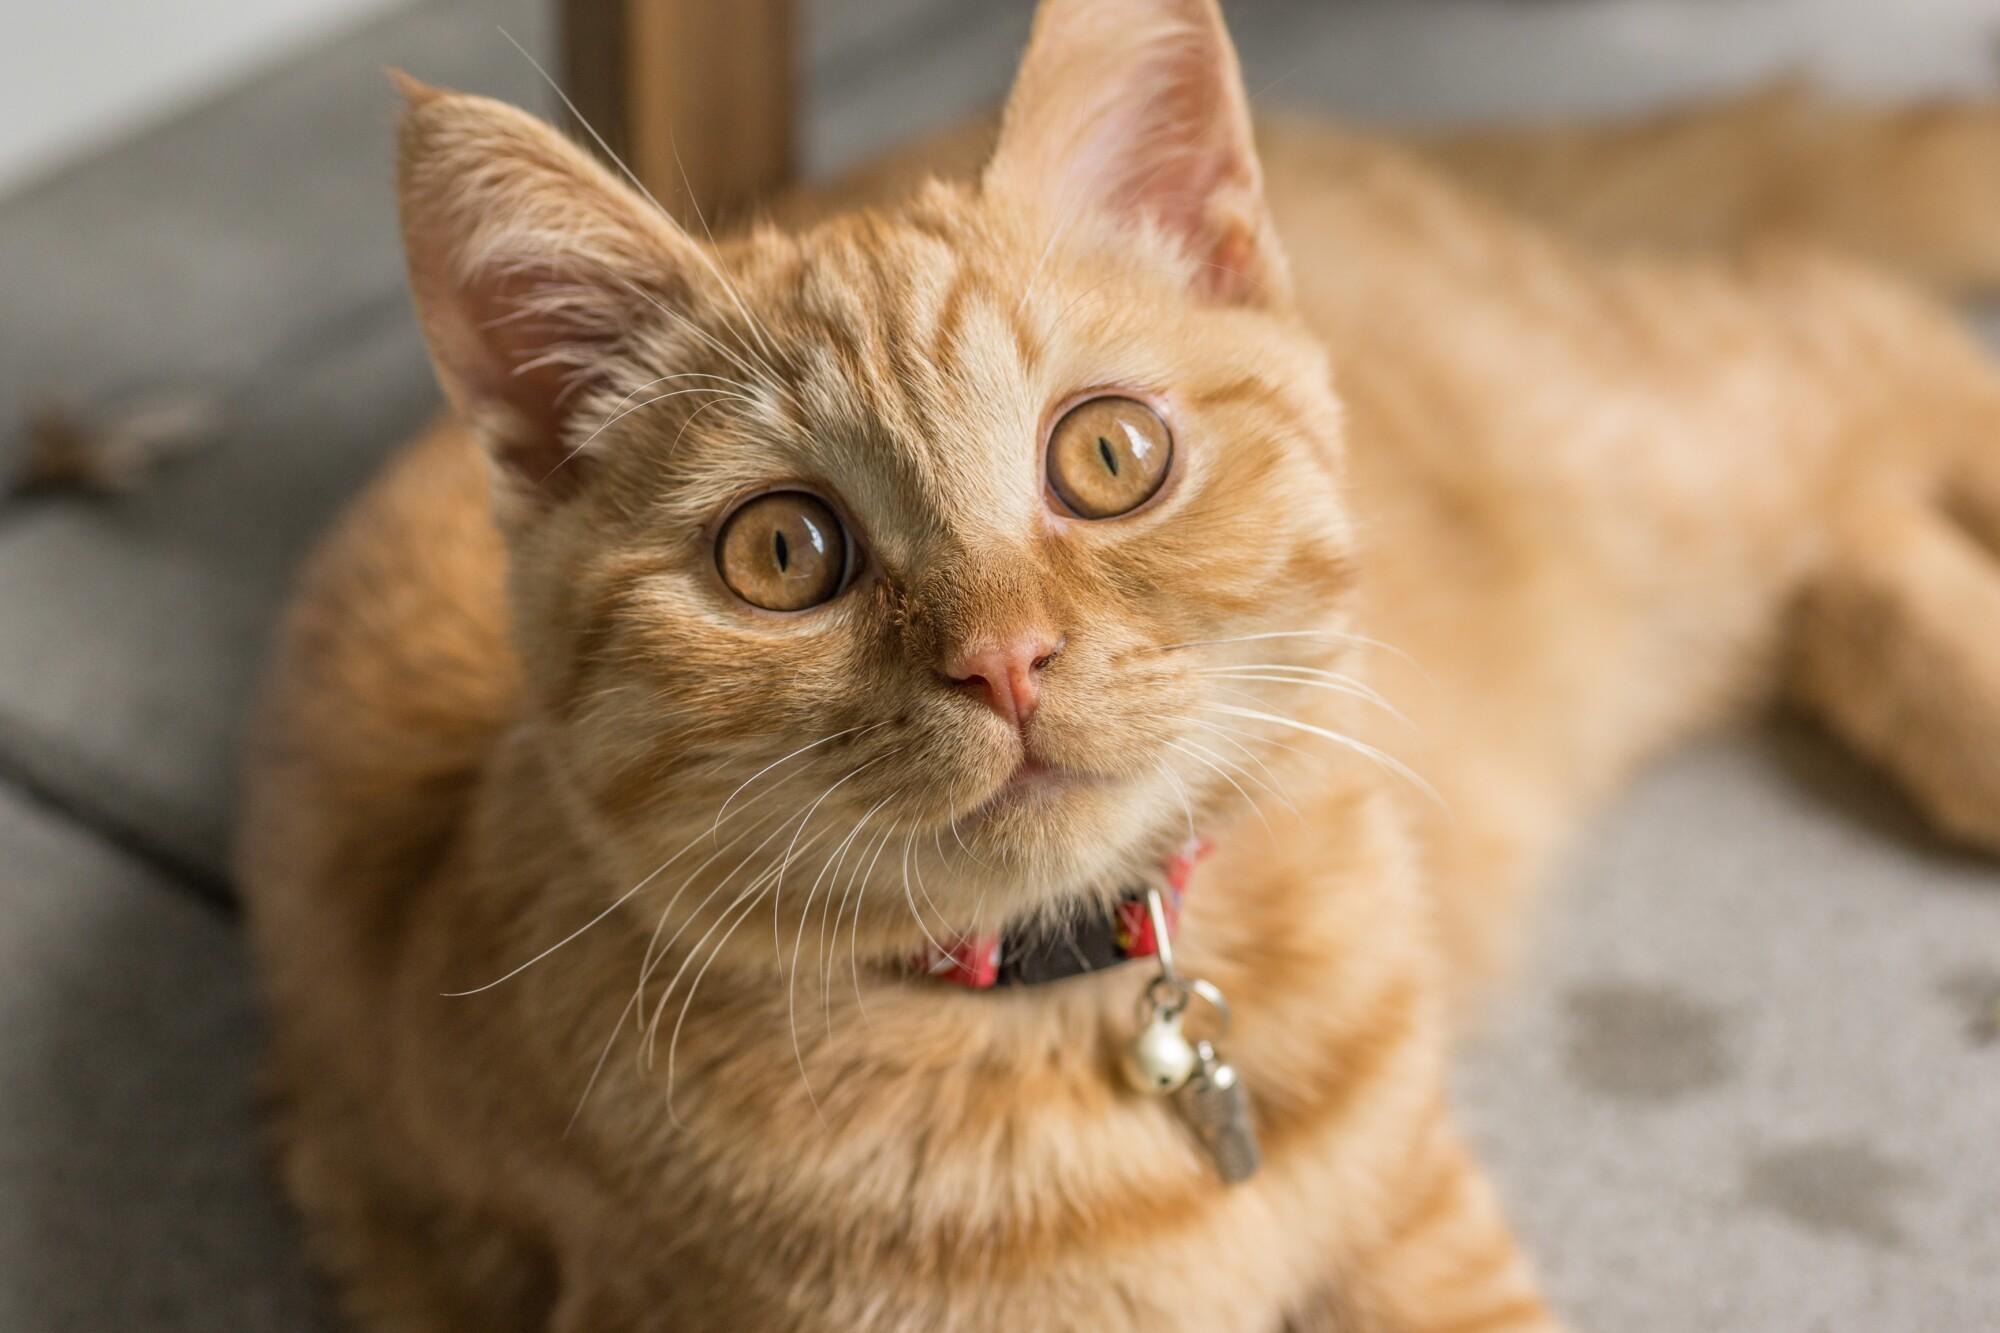 Militar adopta a un gato que reanimó tras hallarlo asfixiado por cenizas del volcán en La Palma